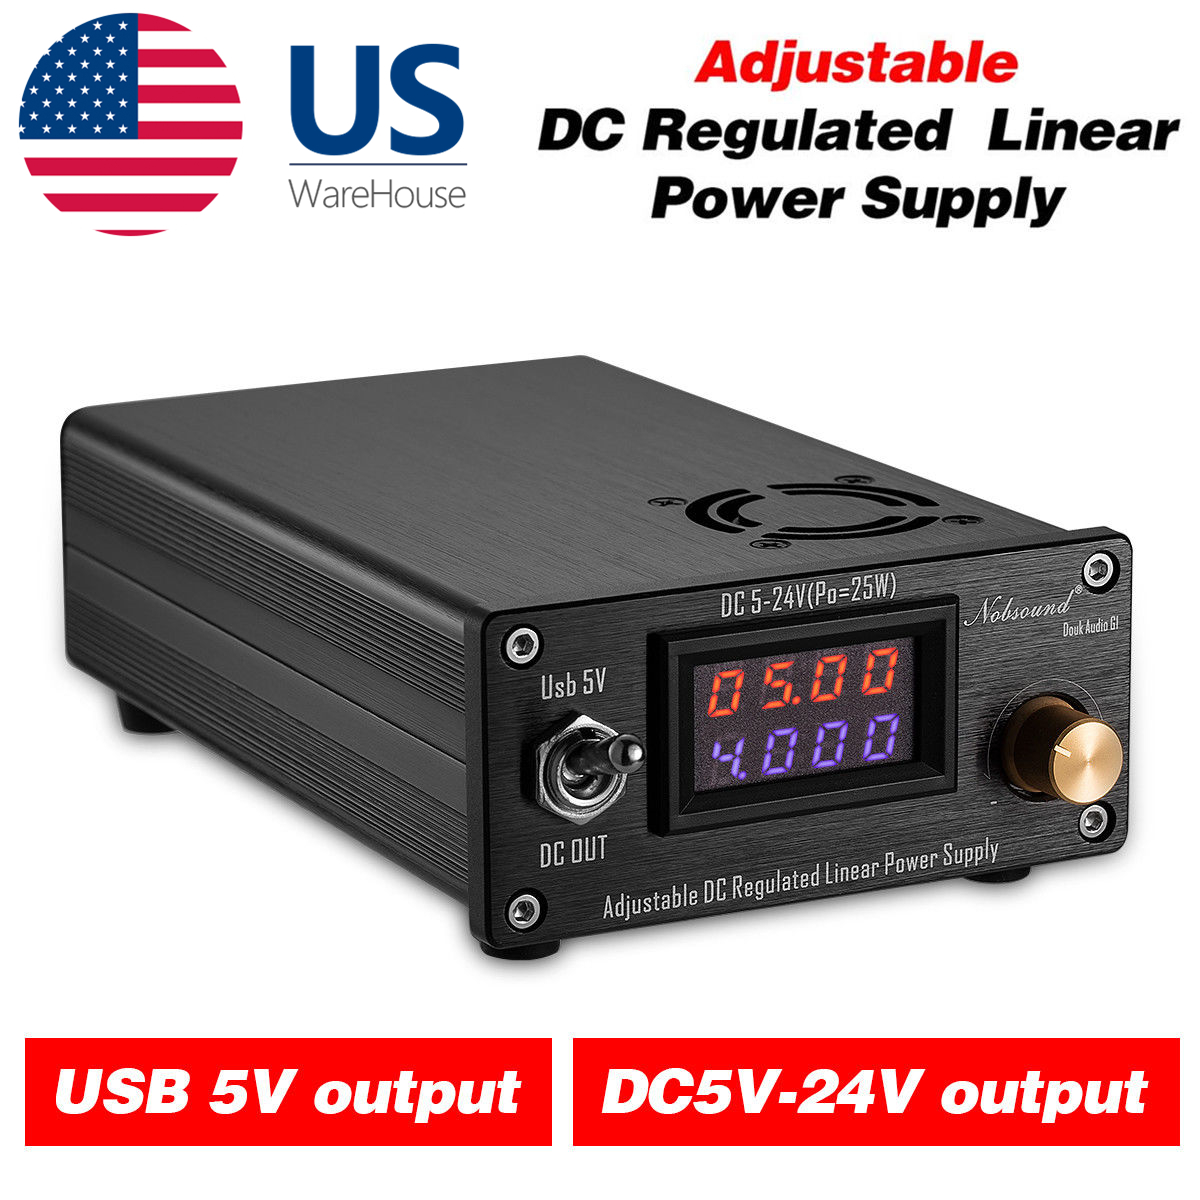 Details about 25W Adjustable Regulated Linear Power Supply USB DC 5V 12V  15V 18V 24V HiFi DIY